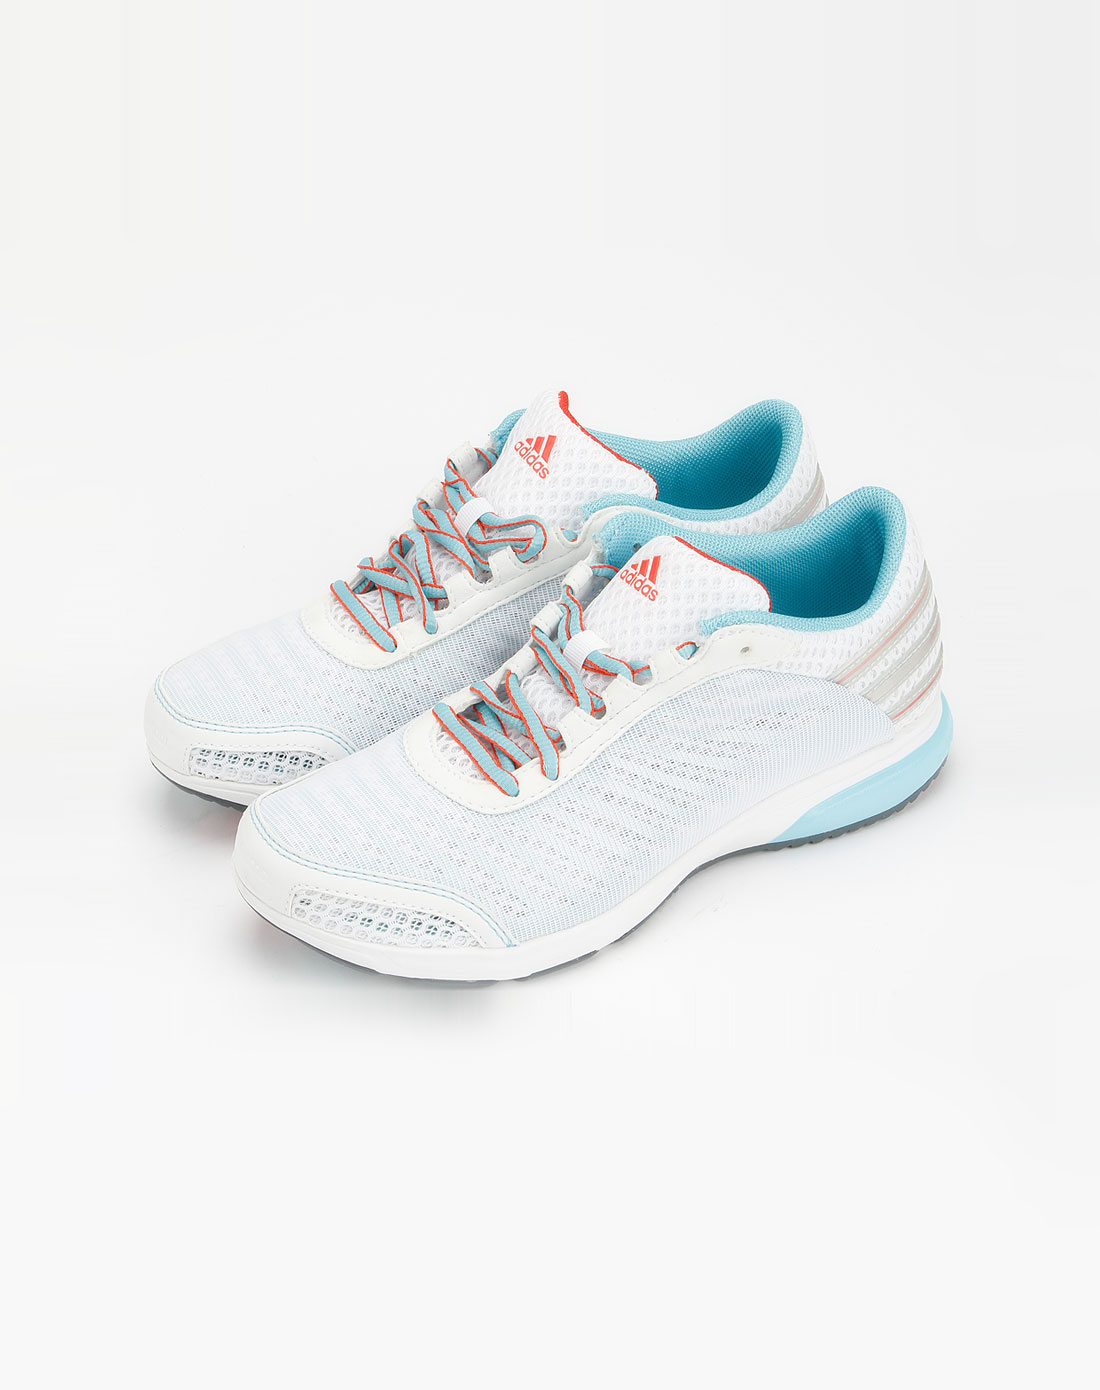 阿迪达斯adidas-sp 女款白/浅蓝色镂空运动鞋g12897图片